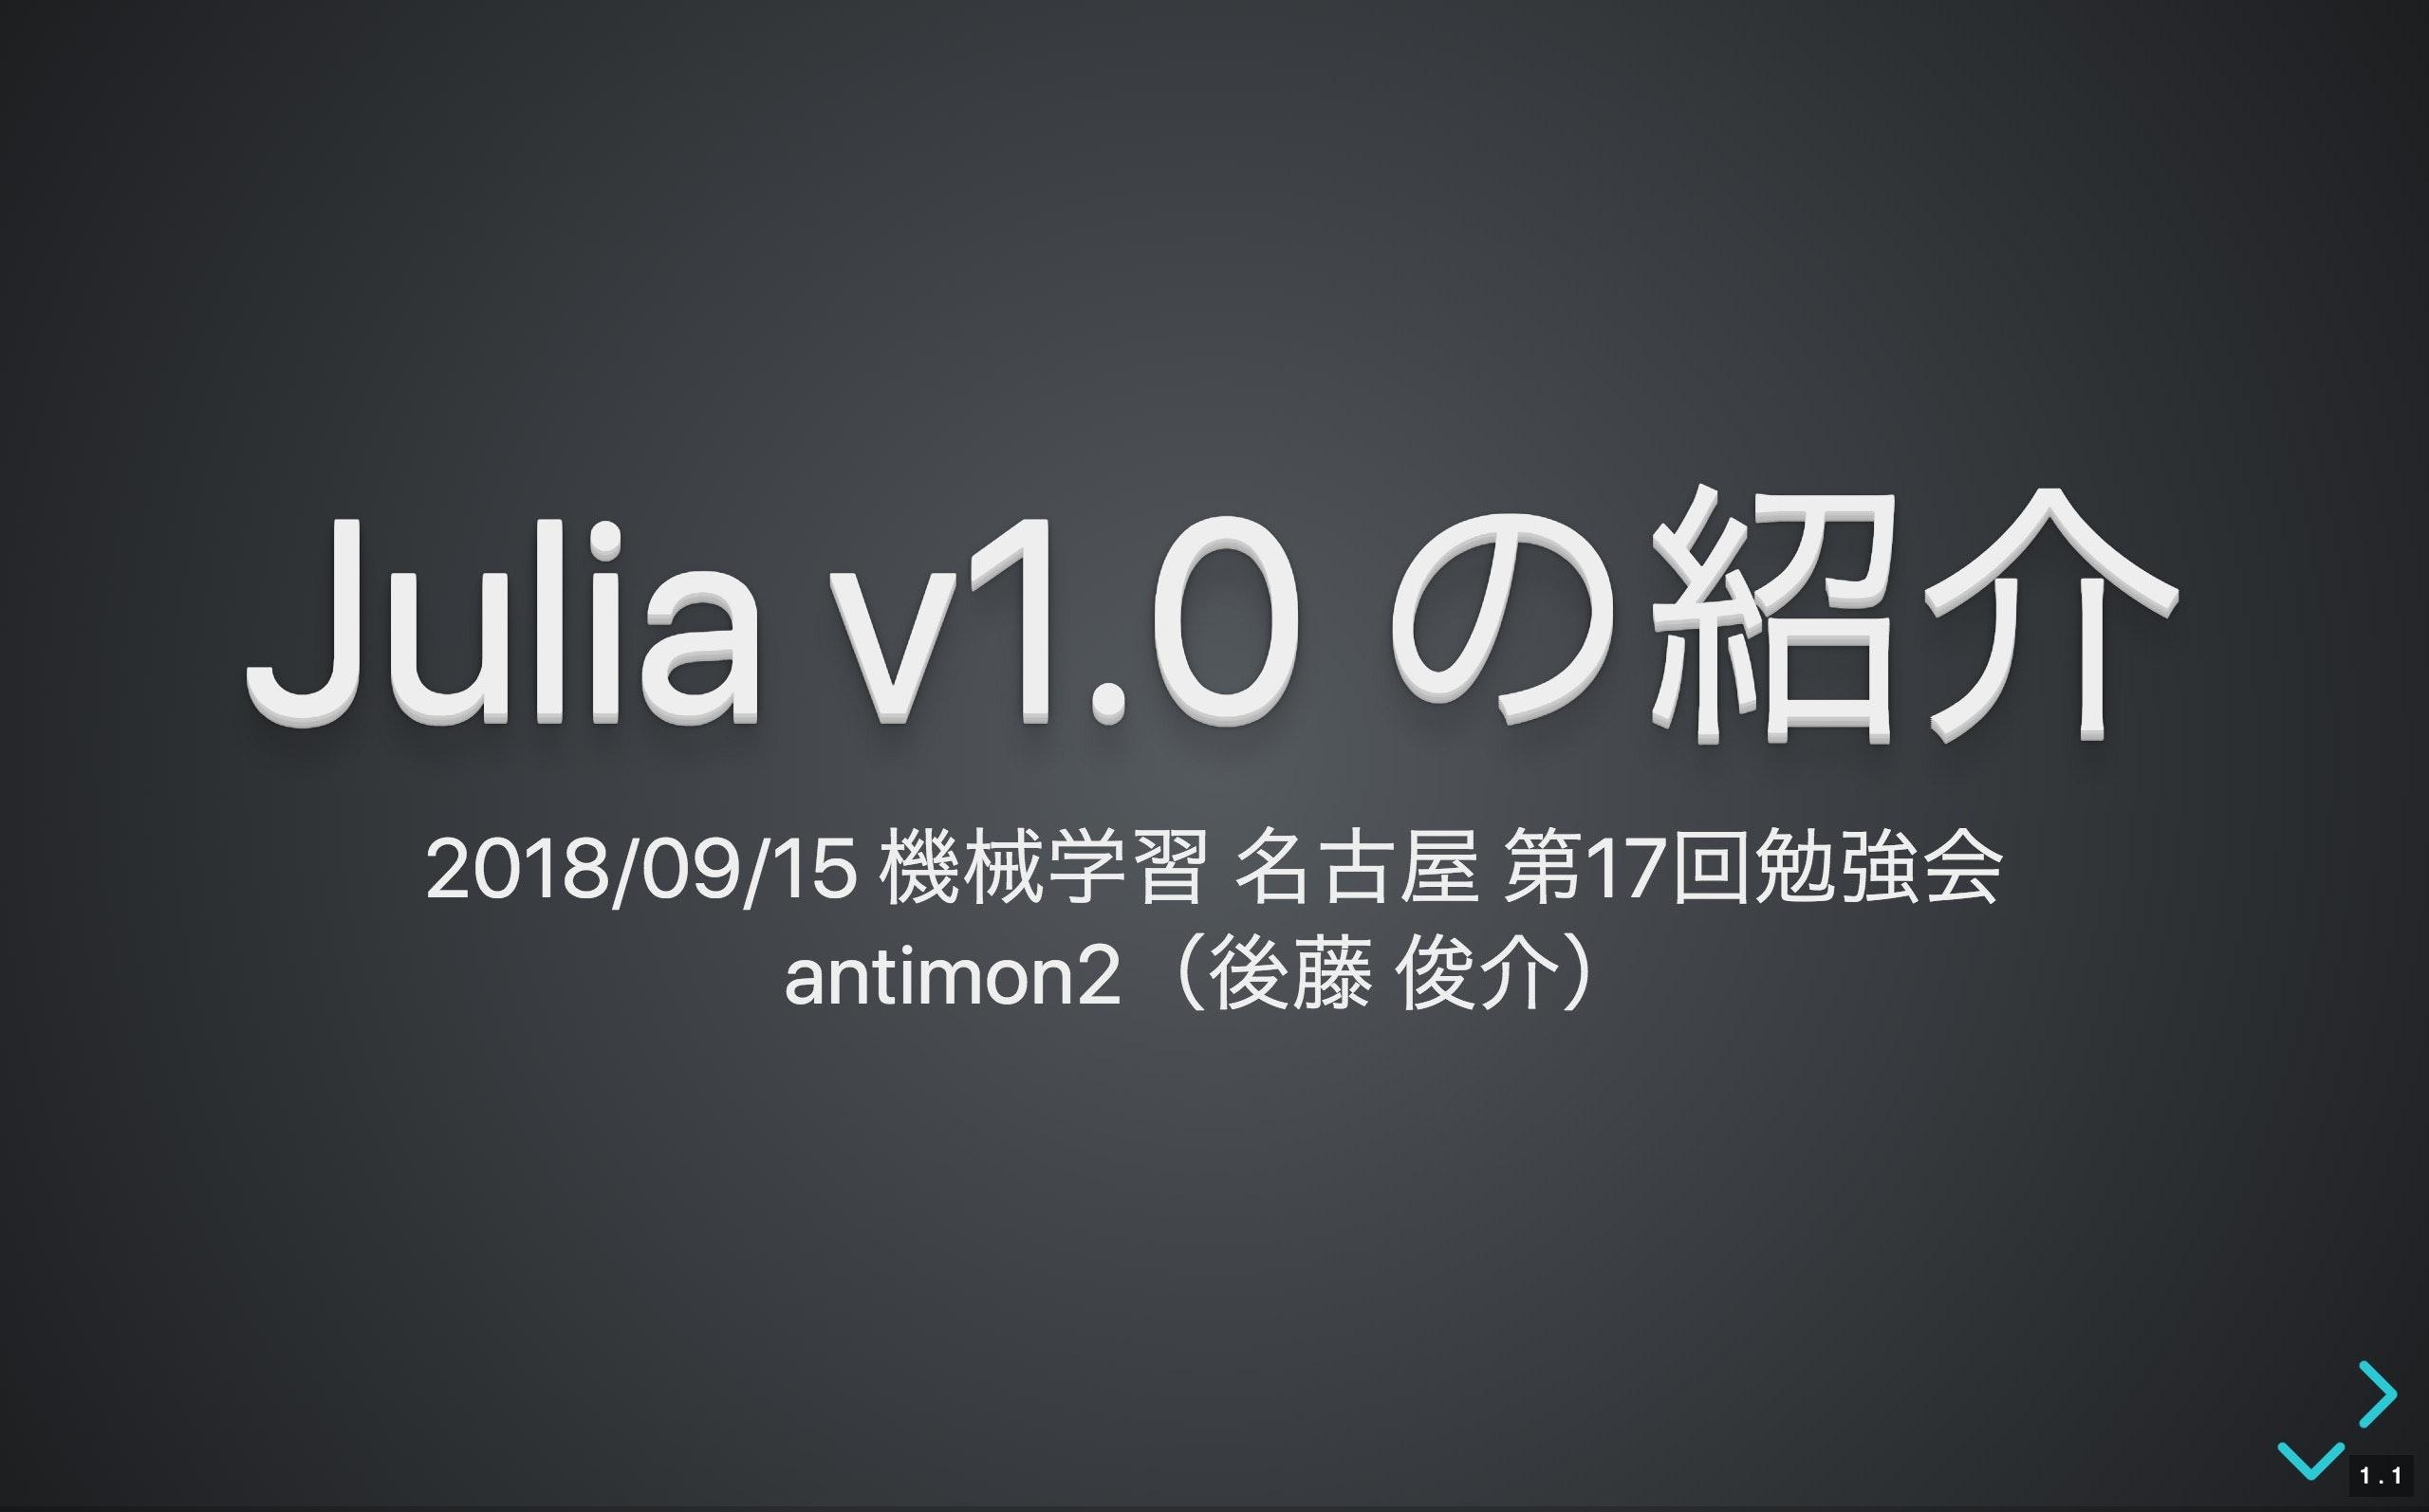 Julia_v1_0_の紹介_HackMD.jpg